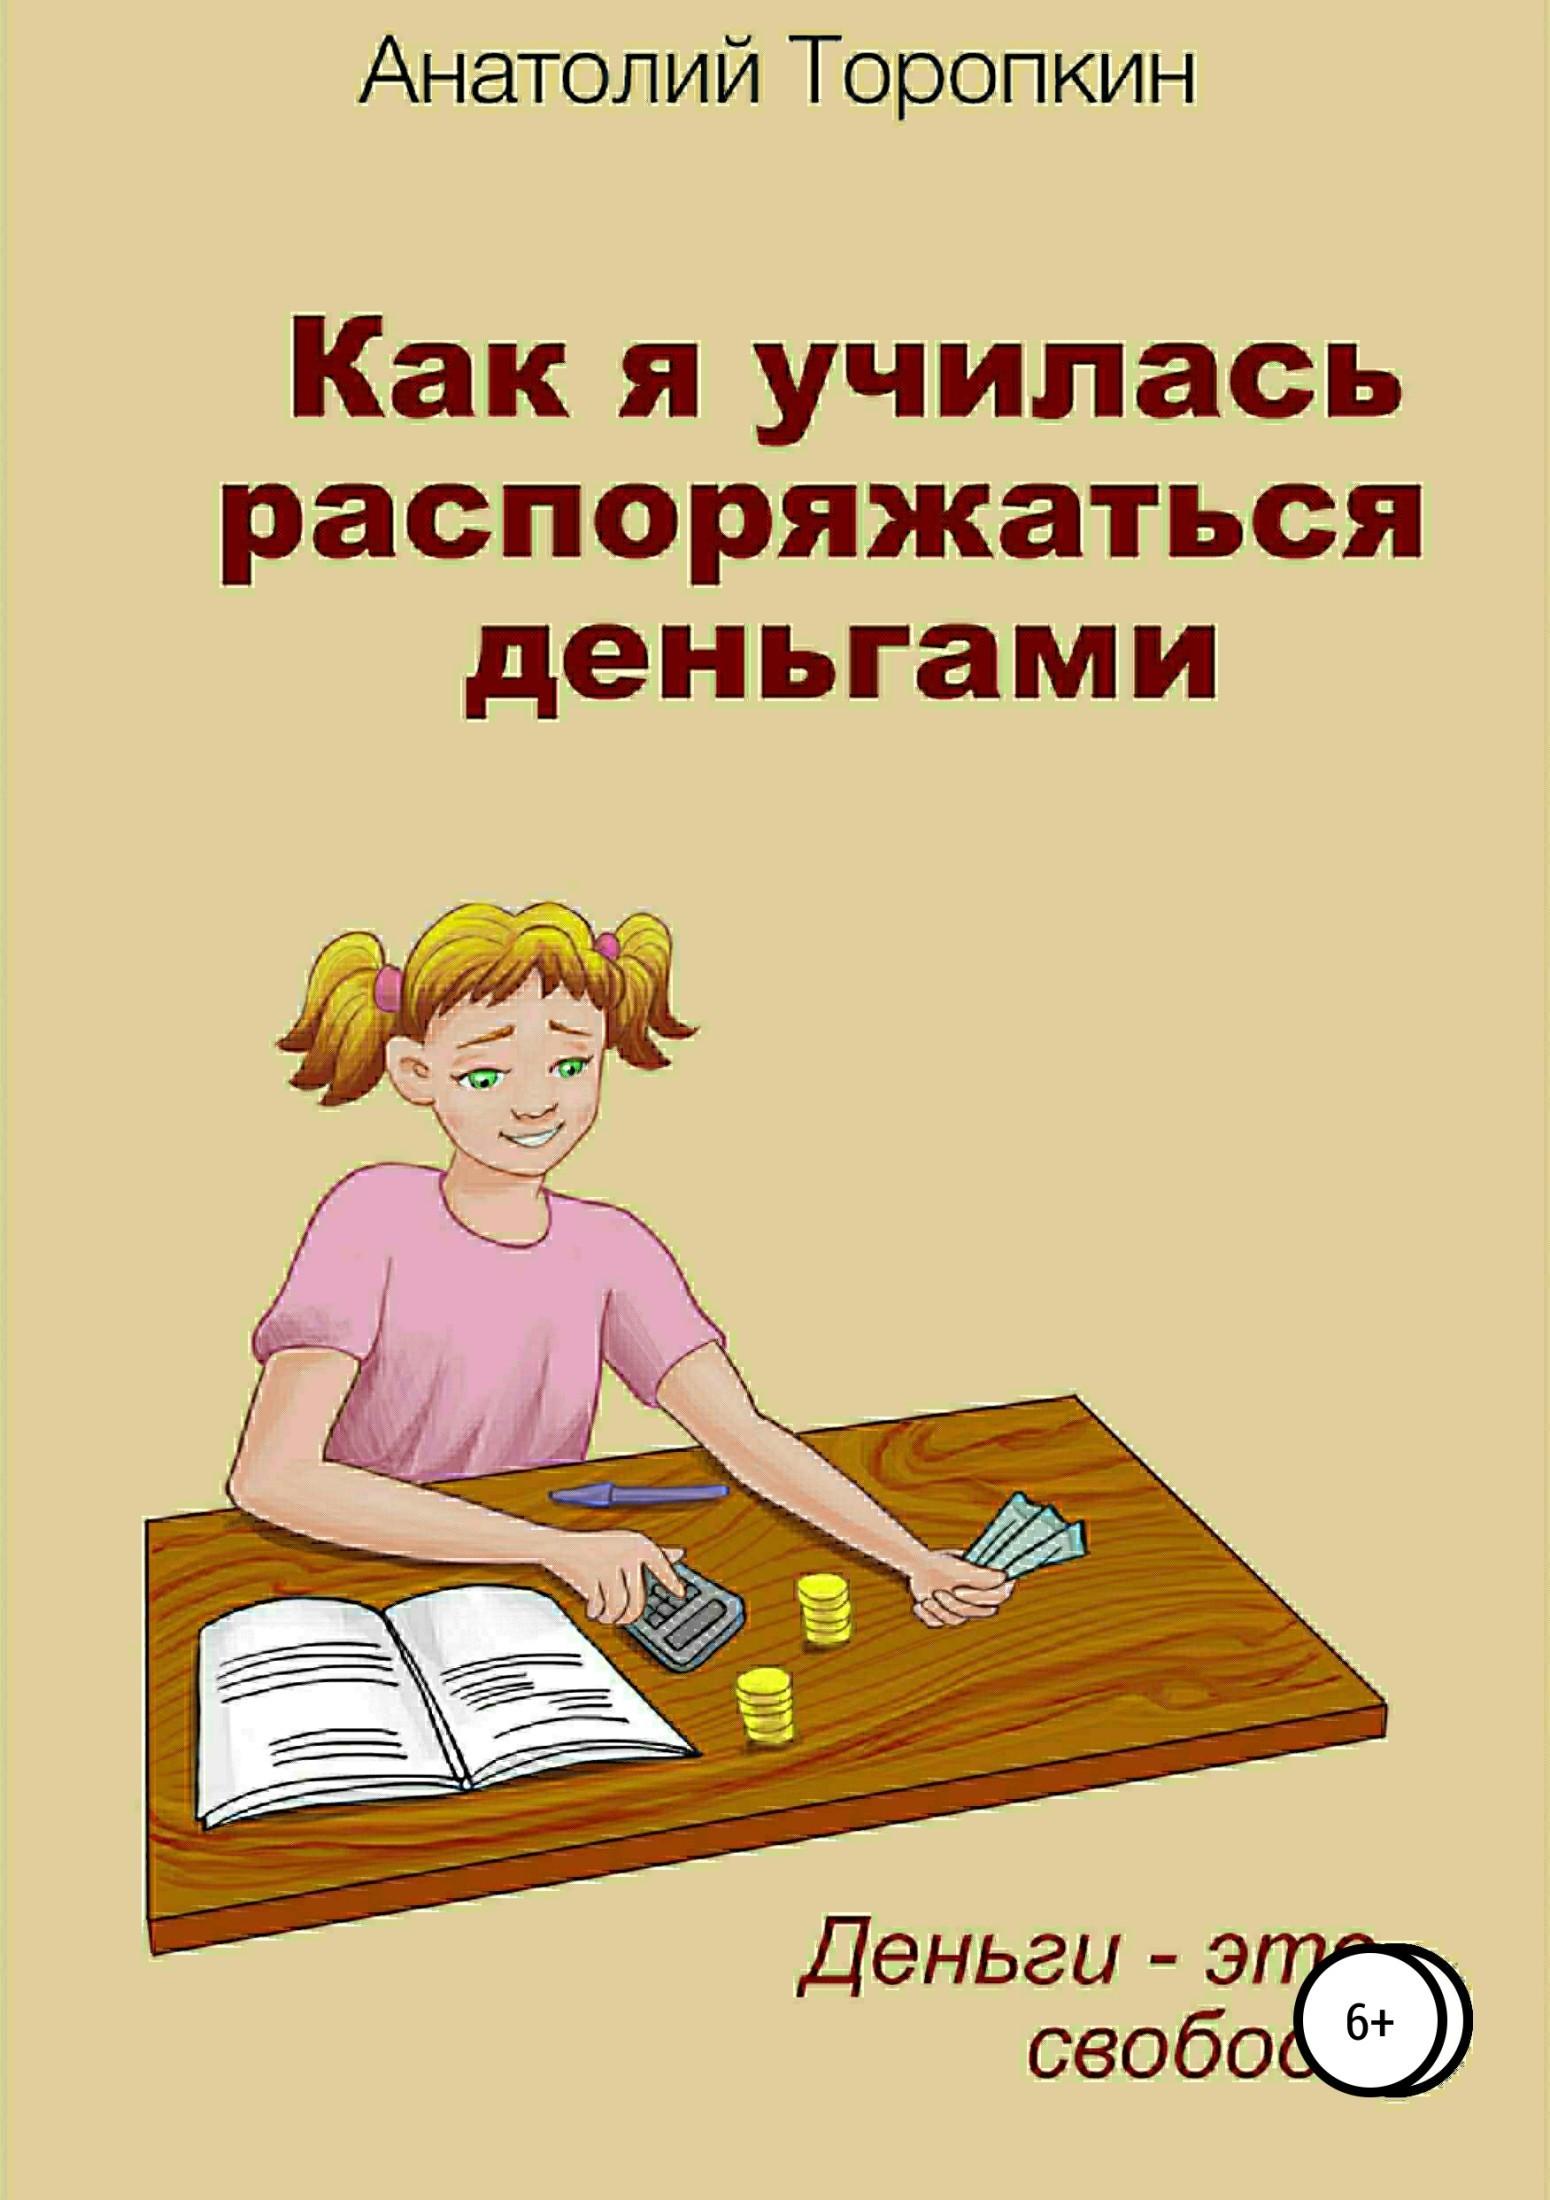 Обложка книги. Автор - Анатолий Торопкин